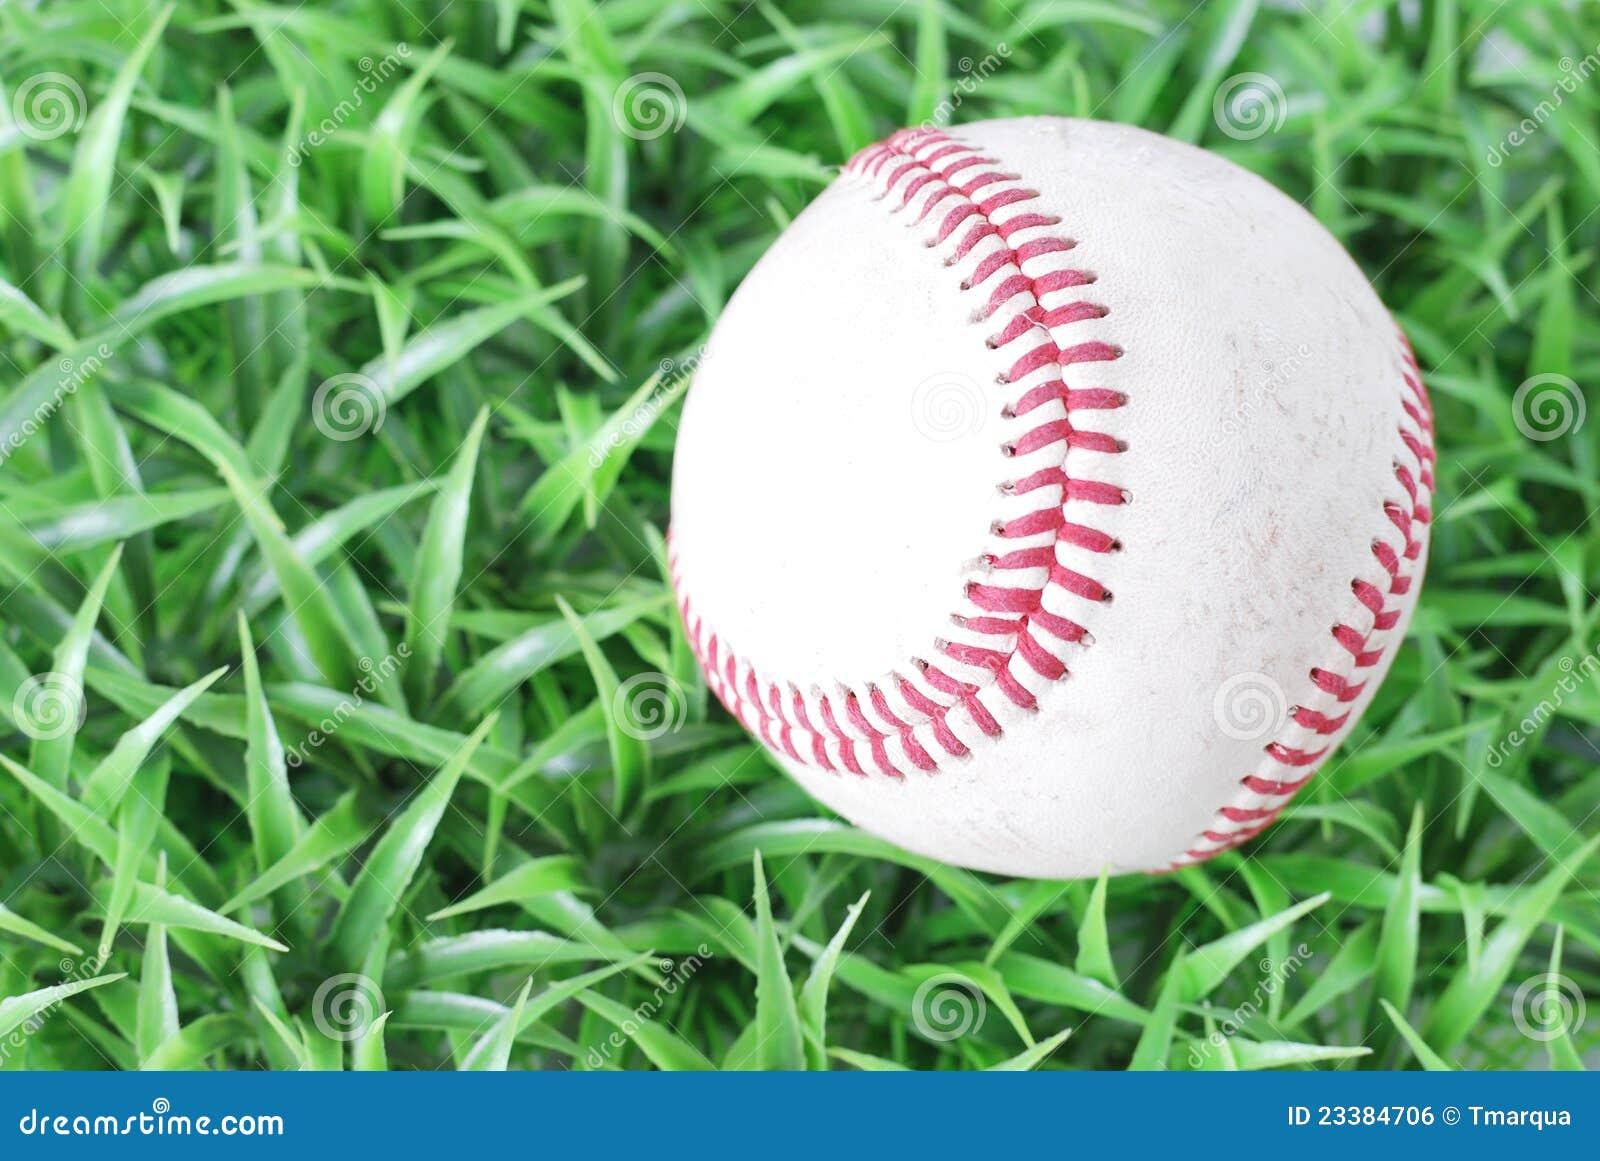 Base-ball sur l herbe